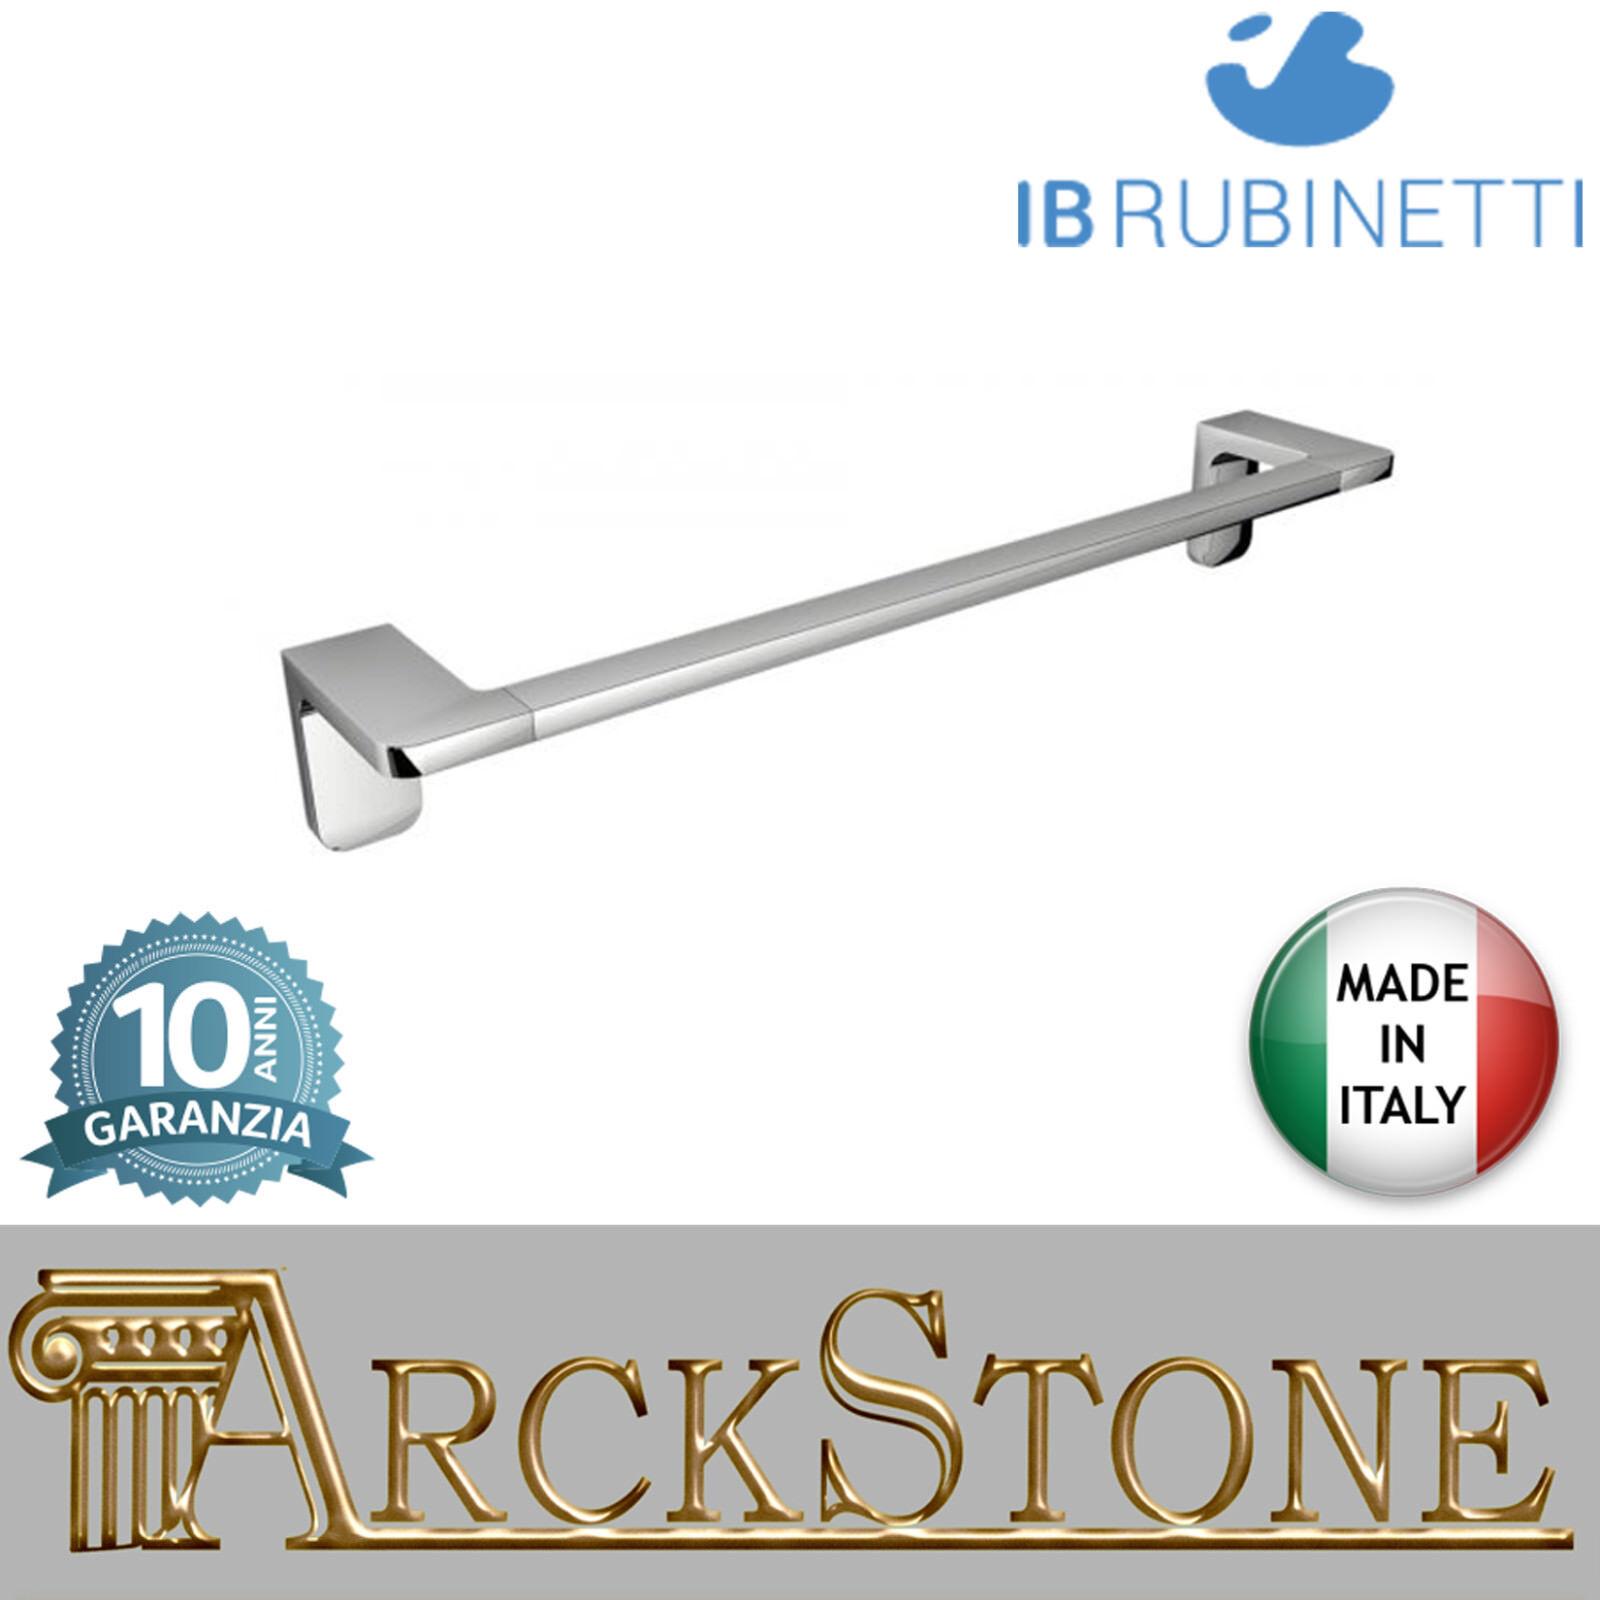 Handtuchhalter an der Wand abs Chrom IB Rubinetti taaac taaac taaac Bad-Accessoires 1e479d